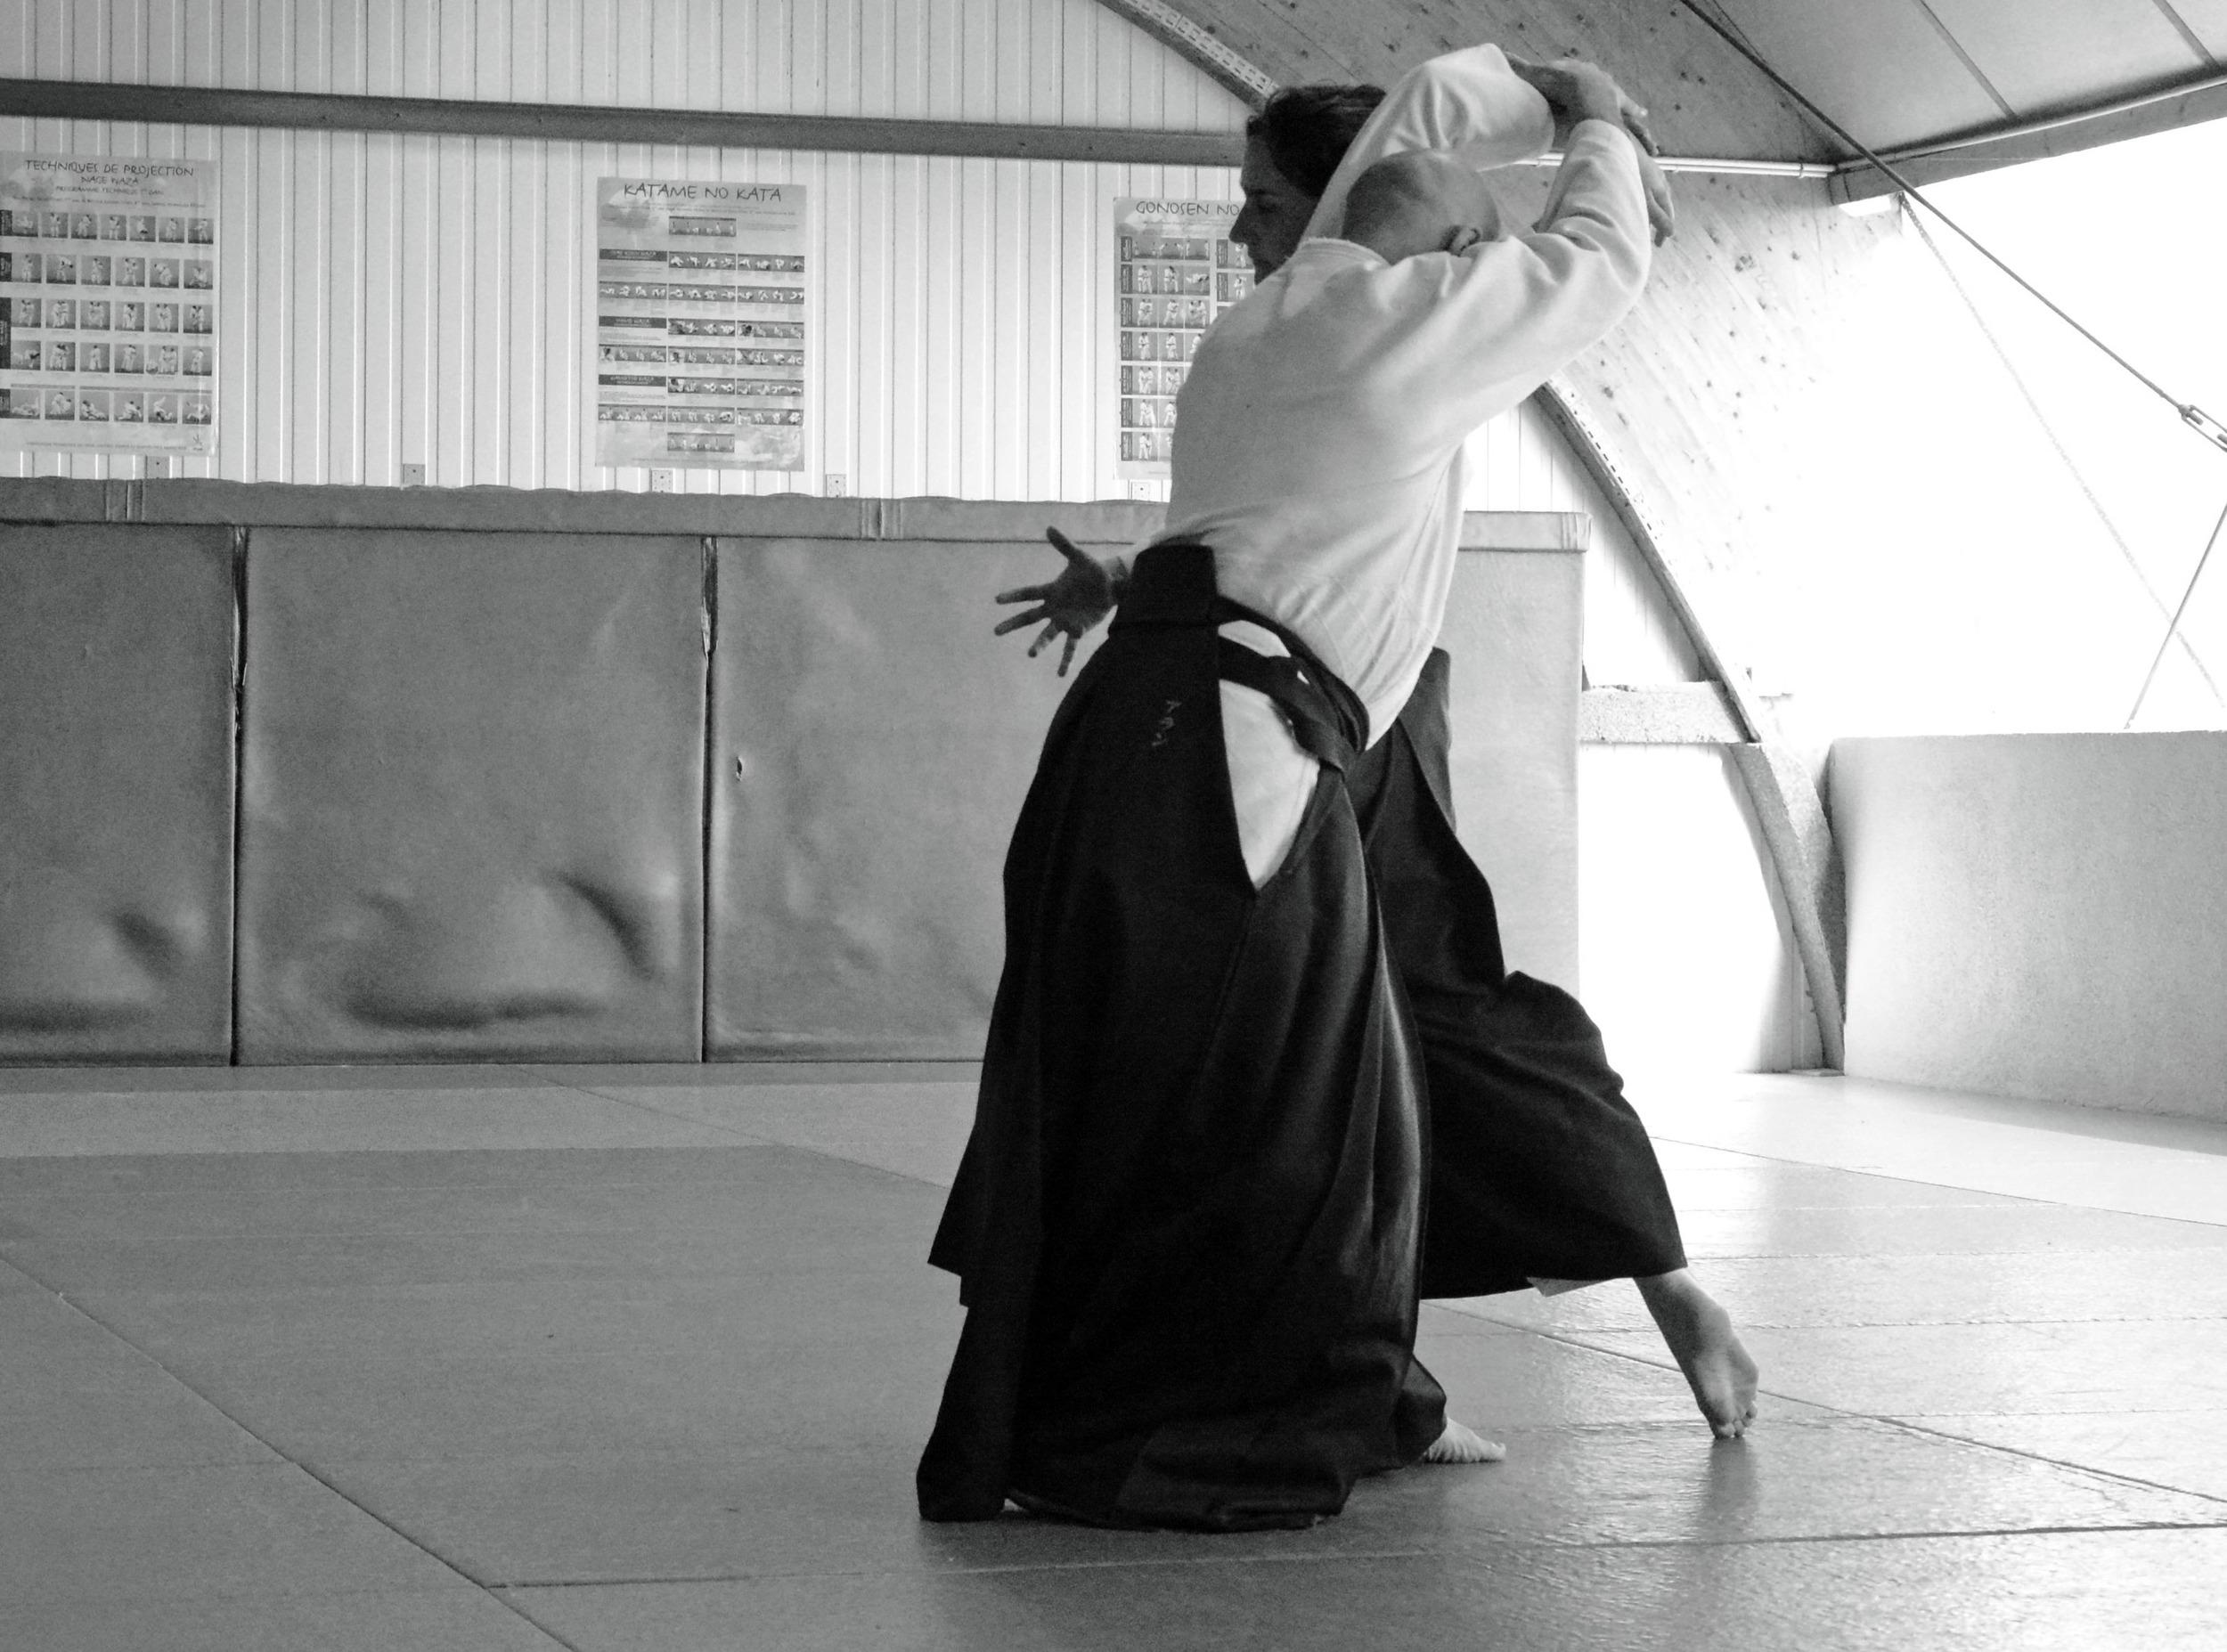 katadori shiho nage 10.jpg